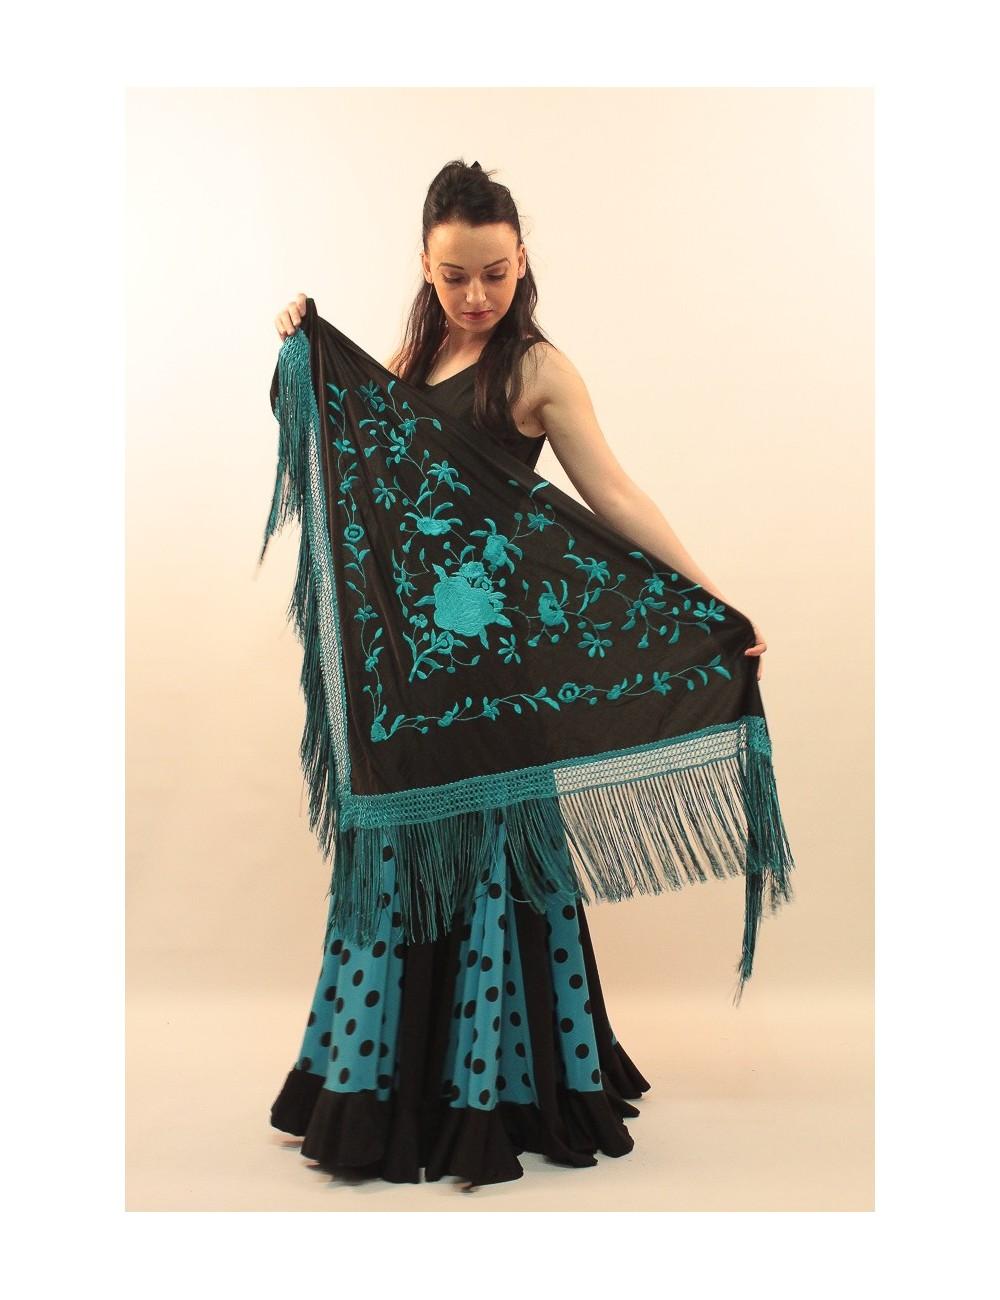 Châle flamenco noir brodé turquoise